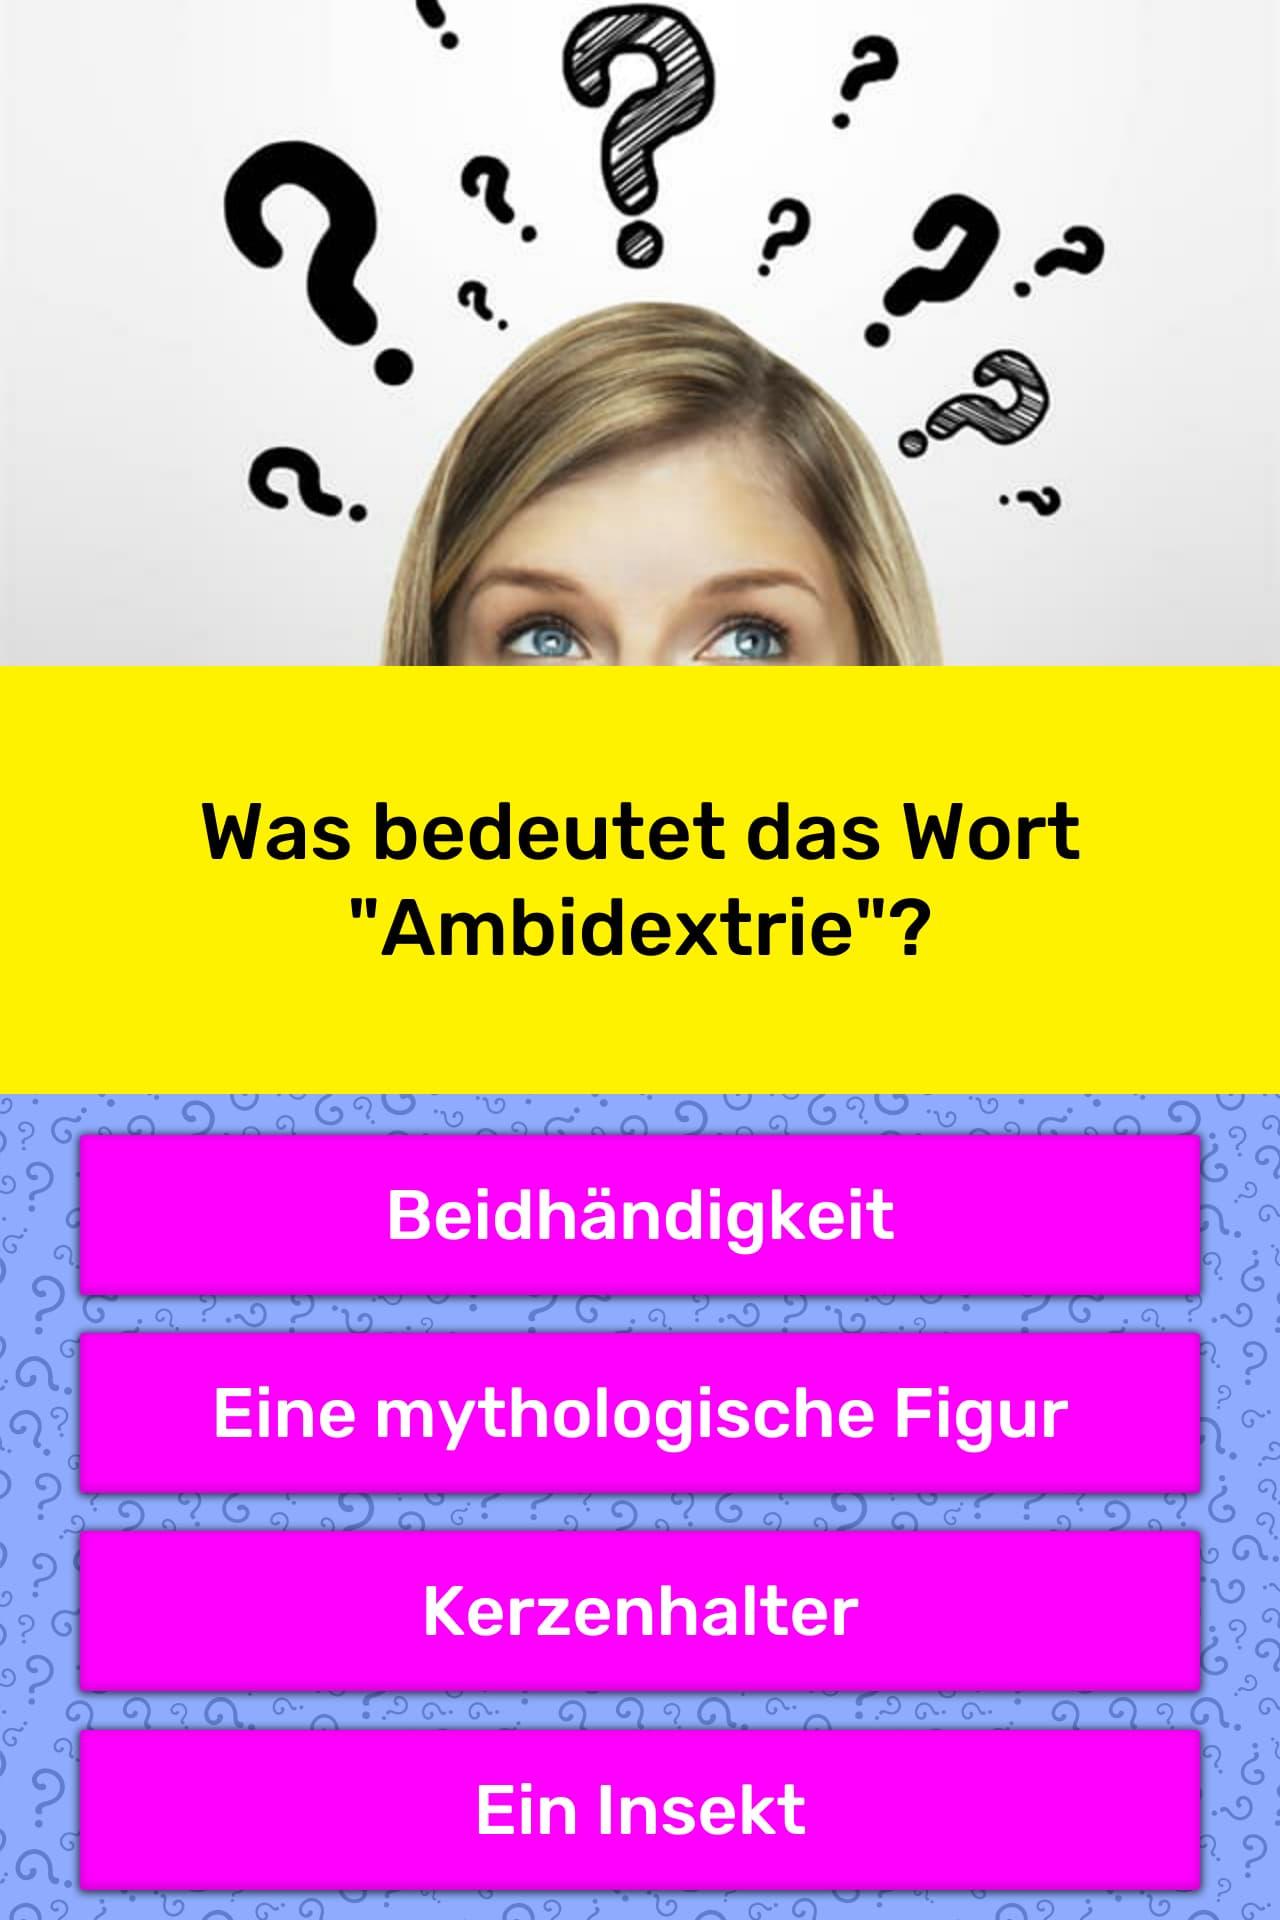 Was bedeutet das Wort Ambidextrie? | Quizfragen | QuizzClub